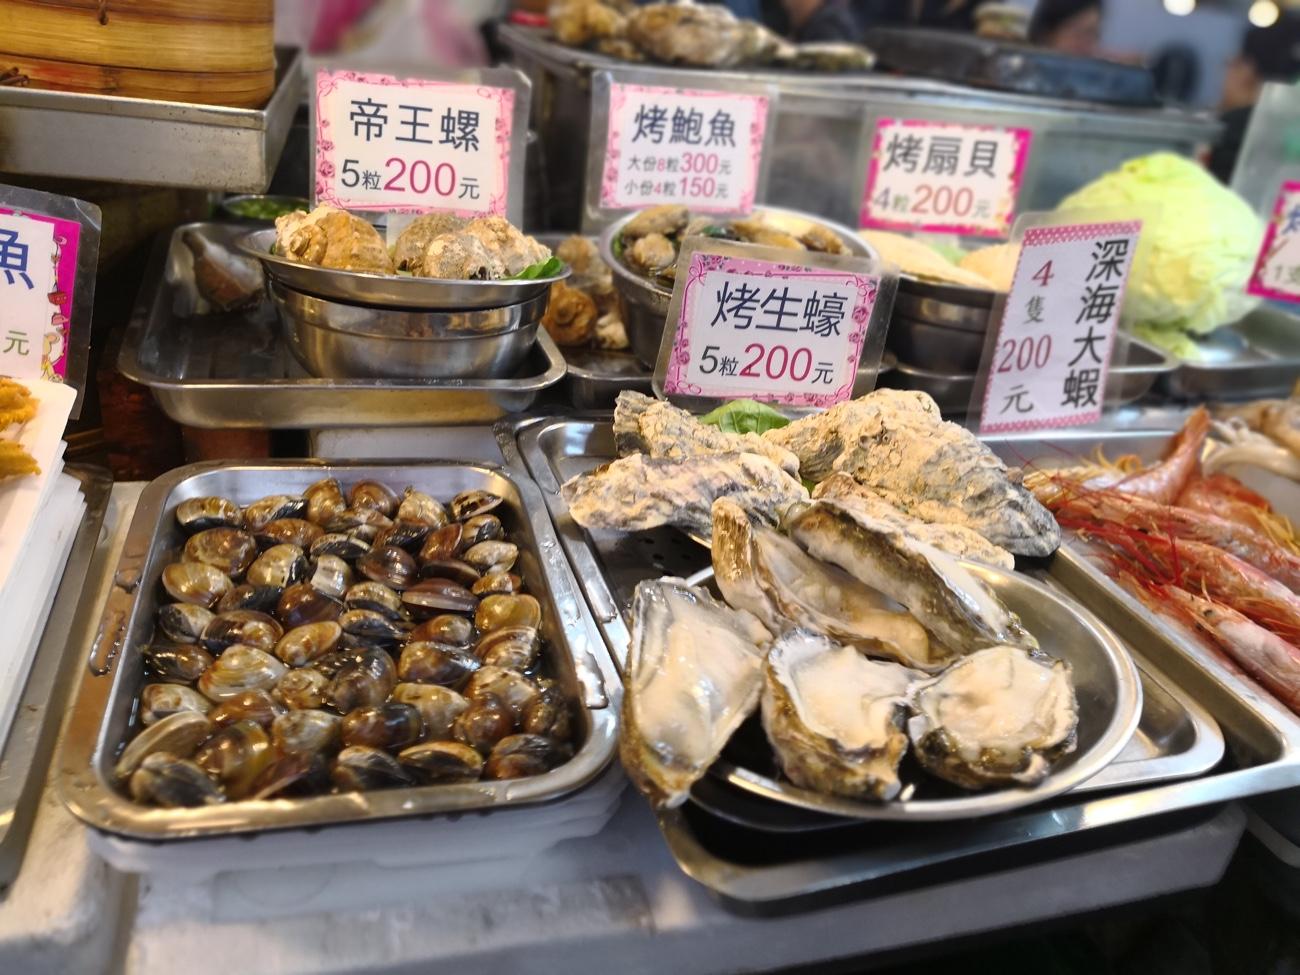 おすすめの海鮮料理 士林市場 台湾旅行ブログ